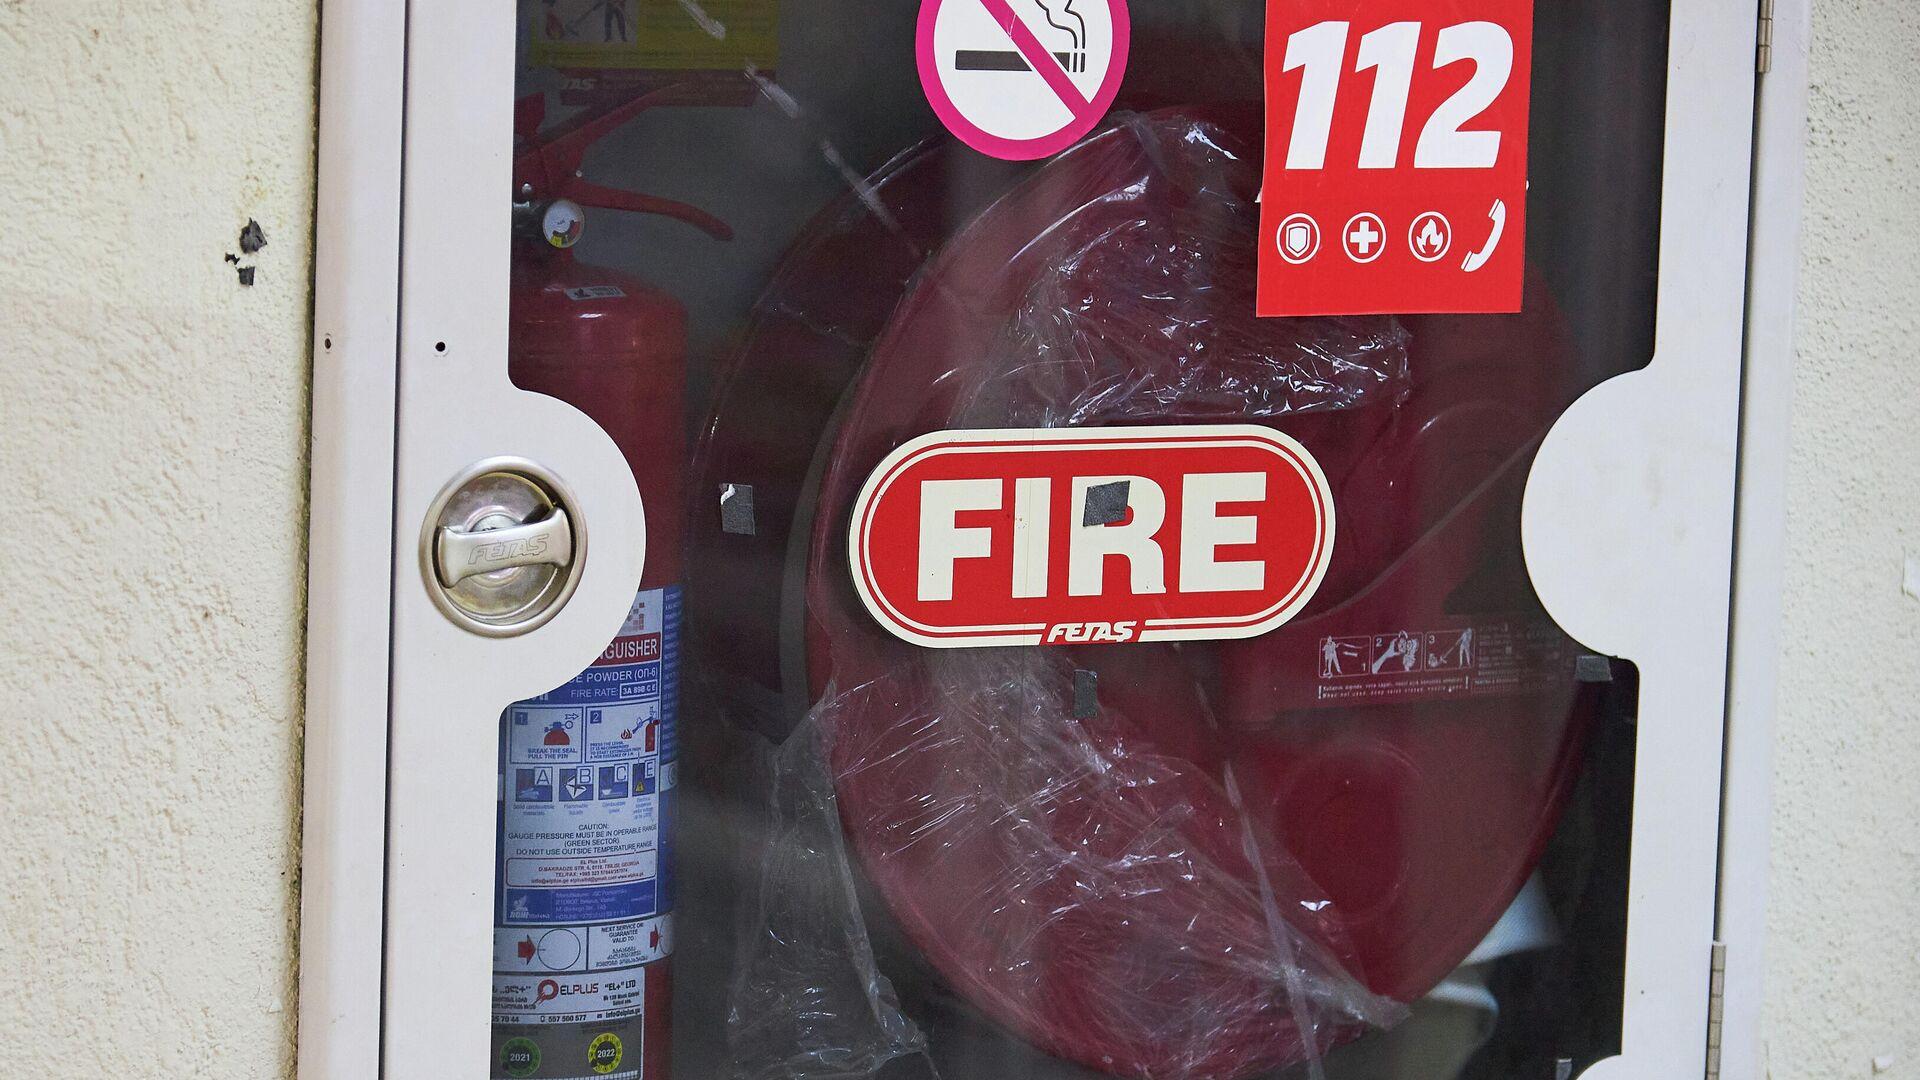 Пожарная безопасность - пожарные краны и огнетушители - Sputnik Грузия, 1920, 07.10.2021